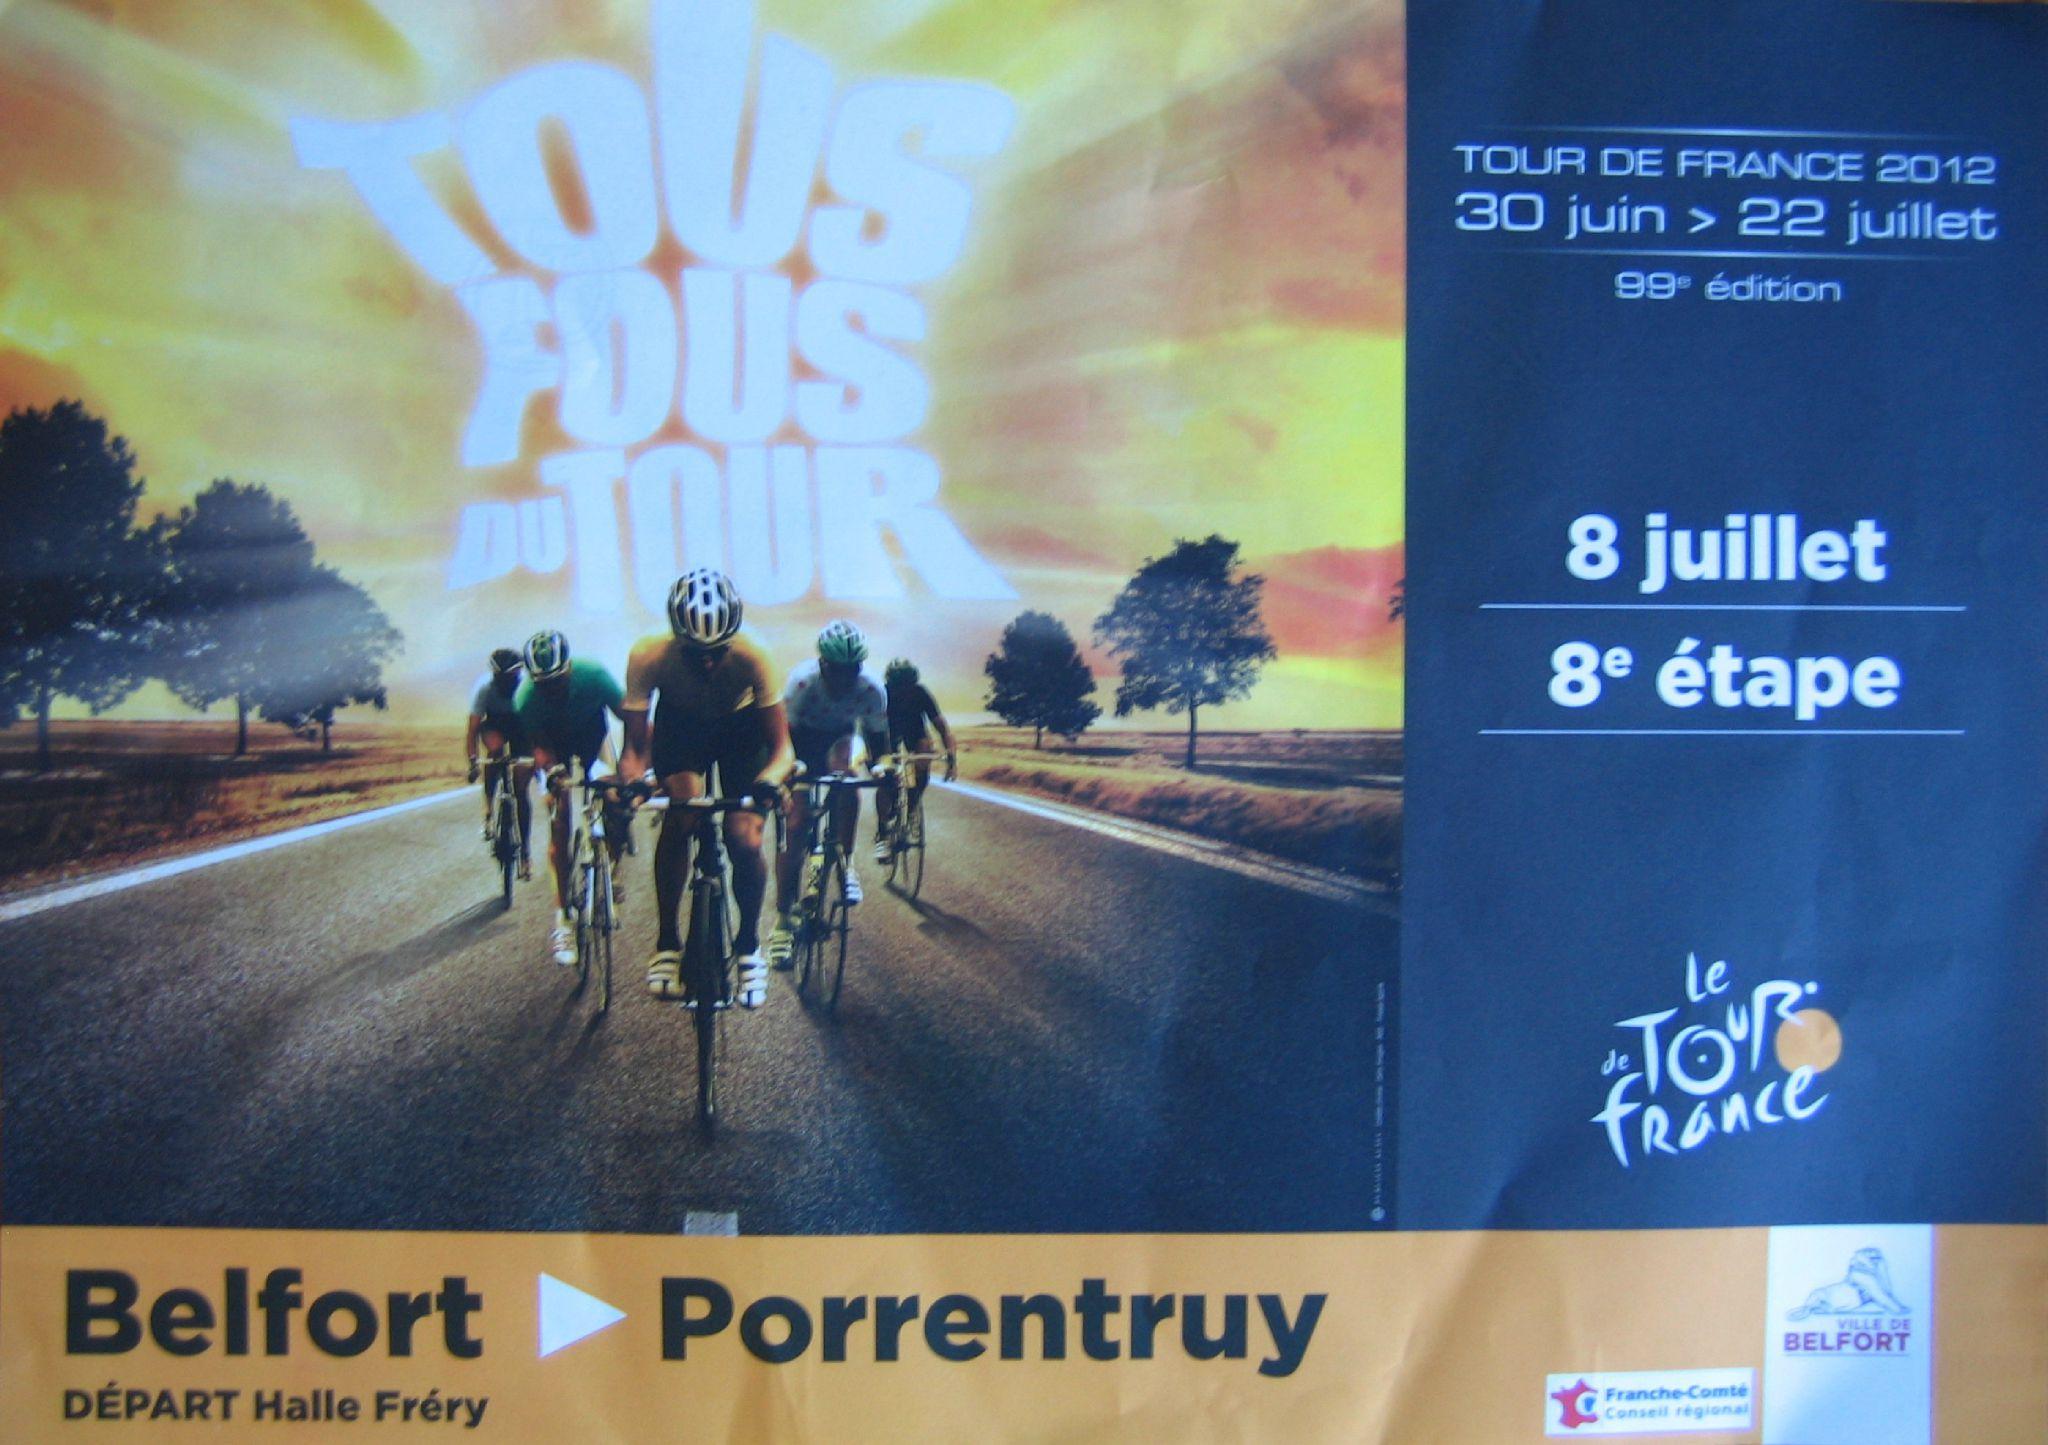 8 juillet 2012 Saint Thibaut au Tour de France